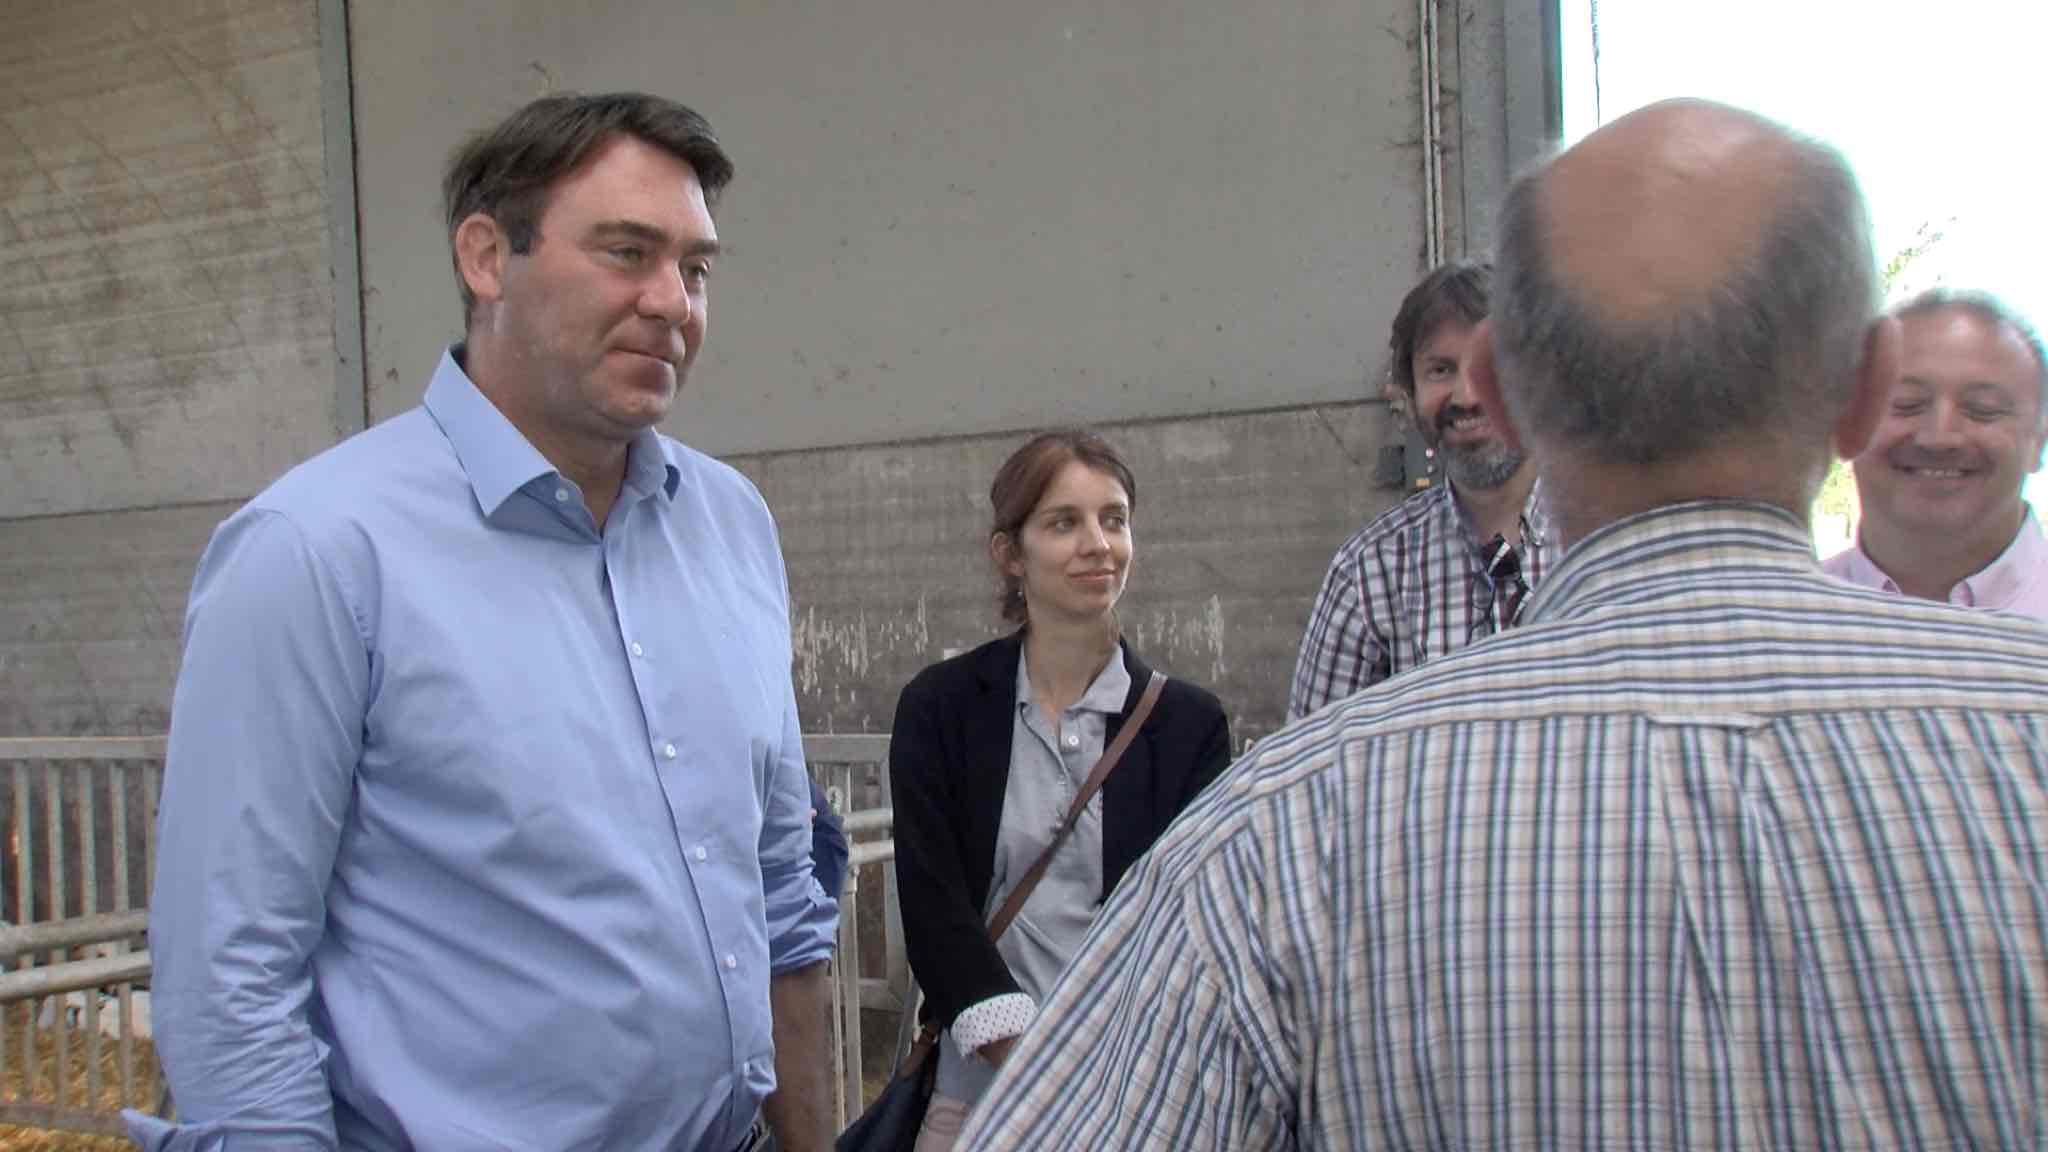 Le ministre de l'Agriculture Denis Ducarme en visite à la ferme de l'Epinette